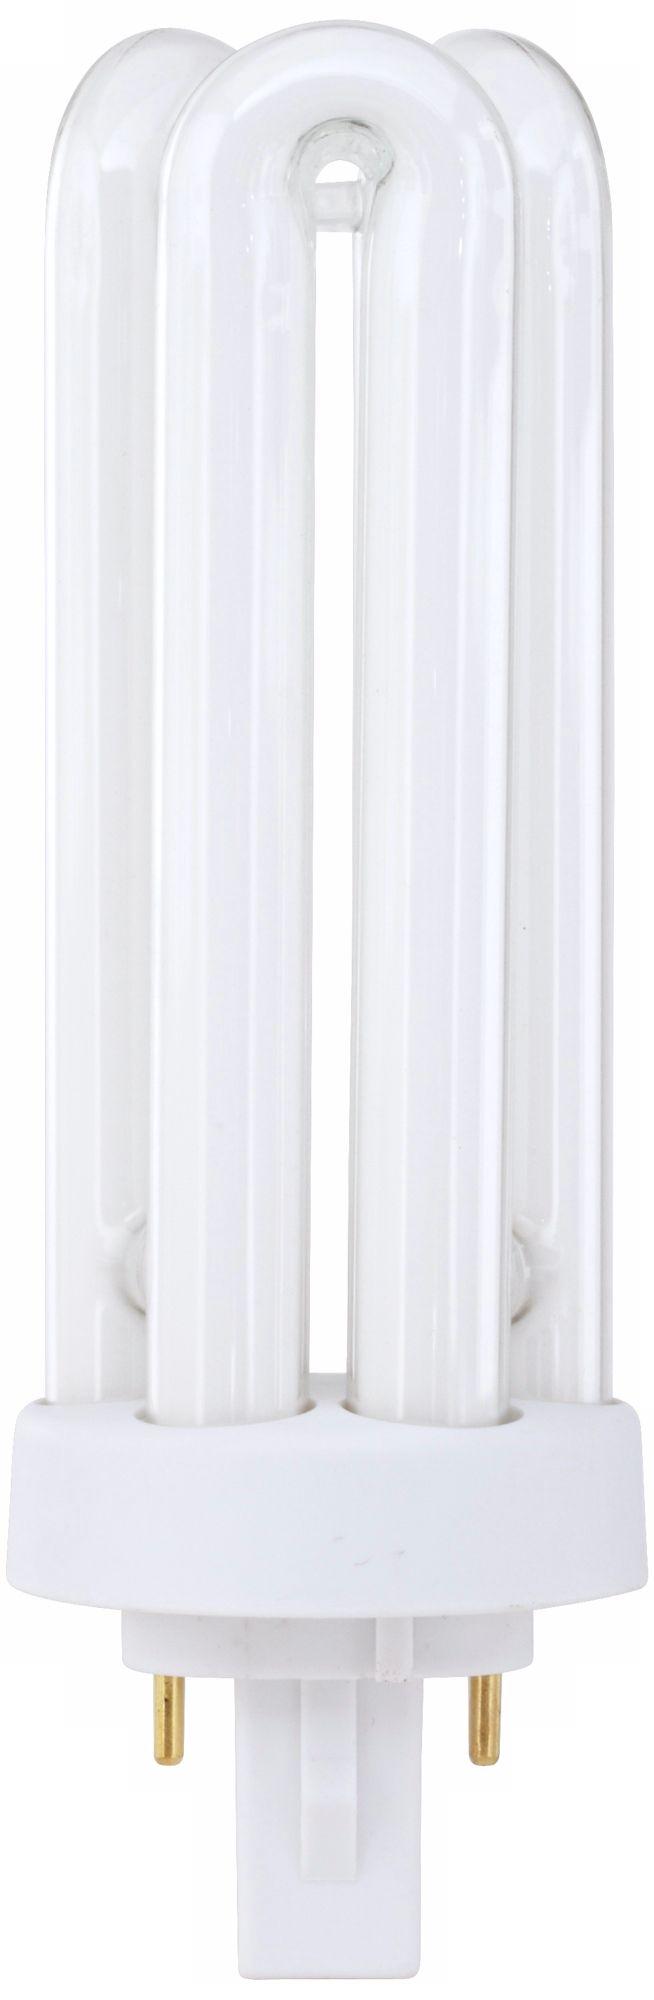 26-Watt Triple Tube 4-Pin CFL 2700K Light Bulb  sc 1 st  L&s Plus & Tesler 15 Watt 2-Pack Candelabra Clear Light Bulbs - #95293 ... azcodes.com